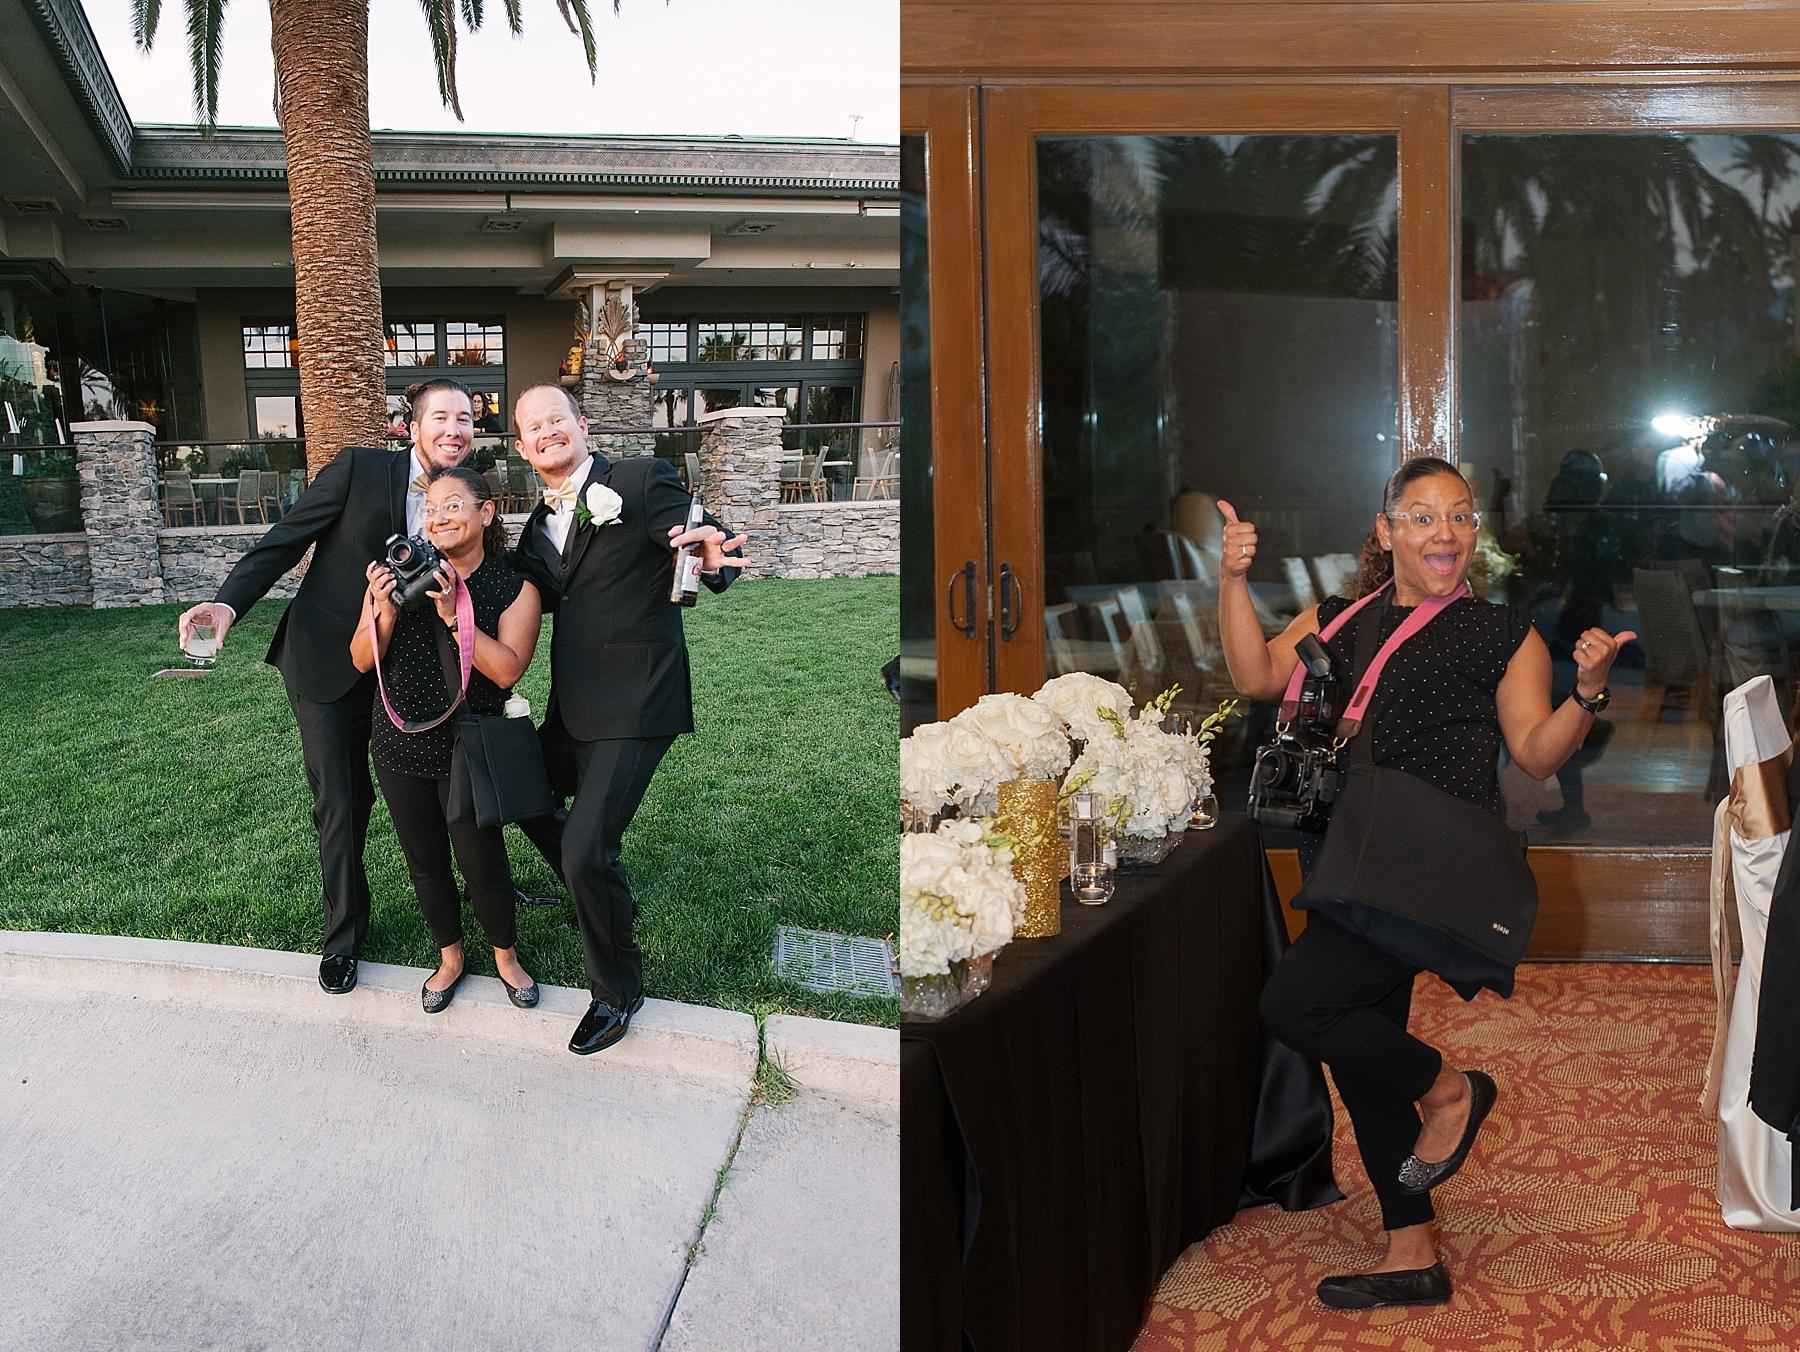 las_vegas_wedding_photographers_behind_the_scenes-09-2.jpg